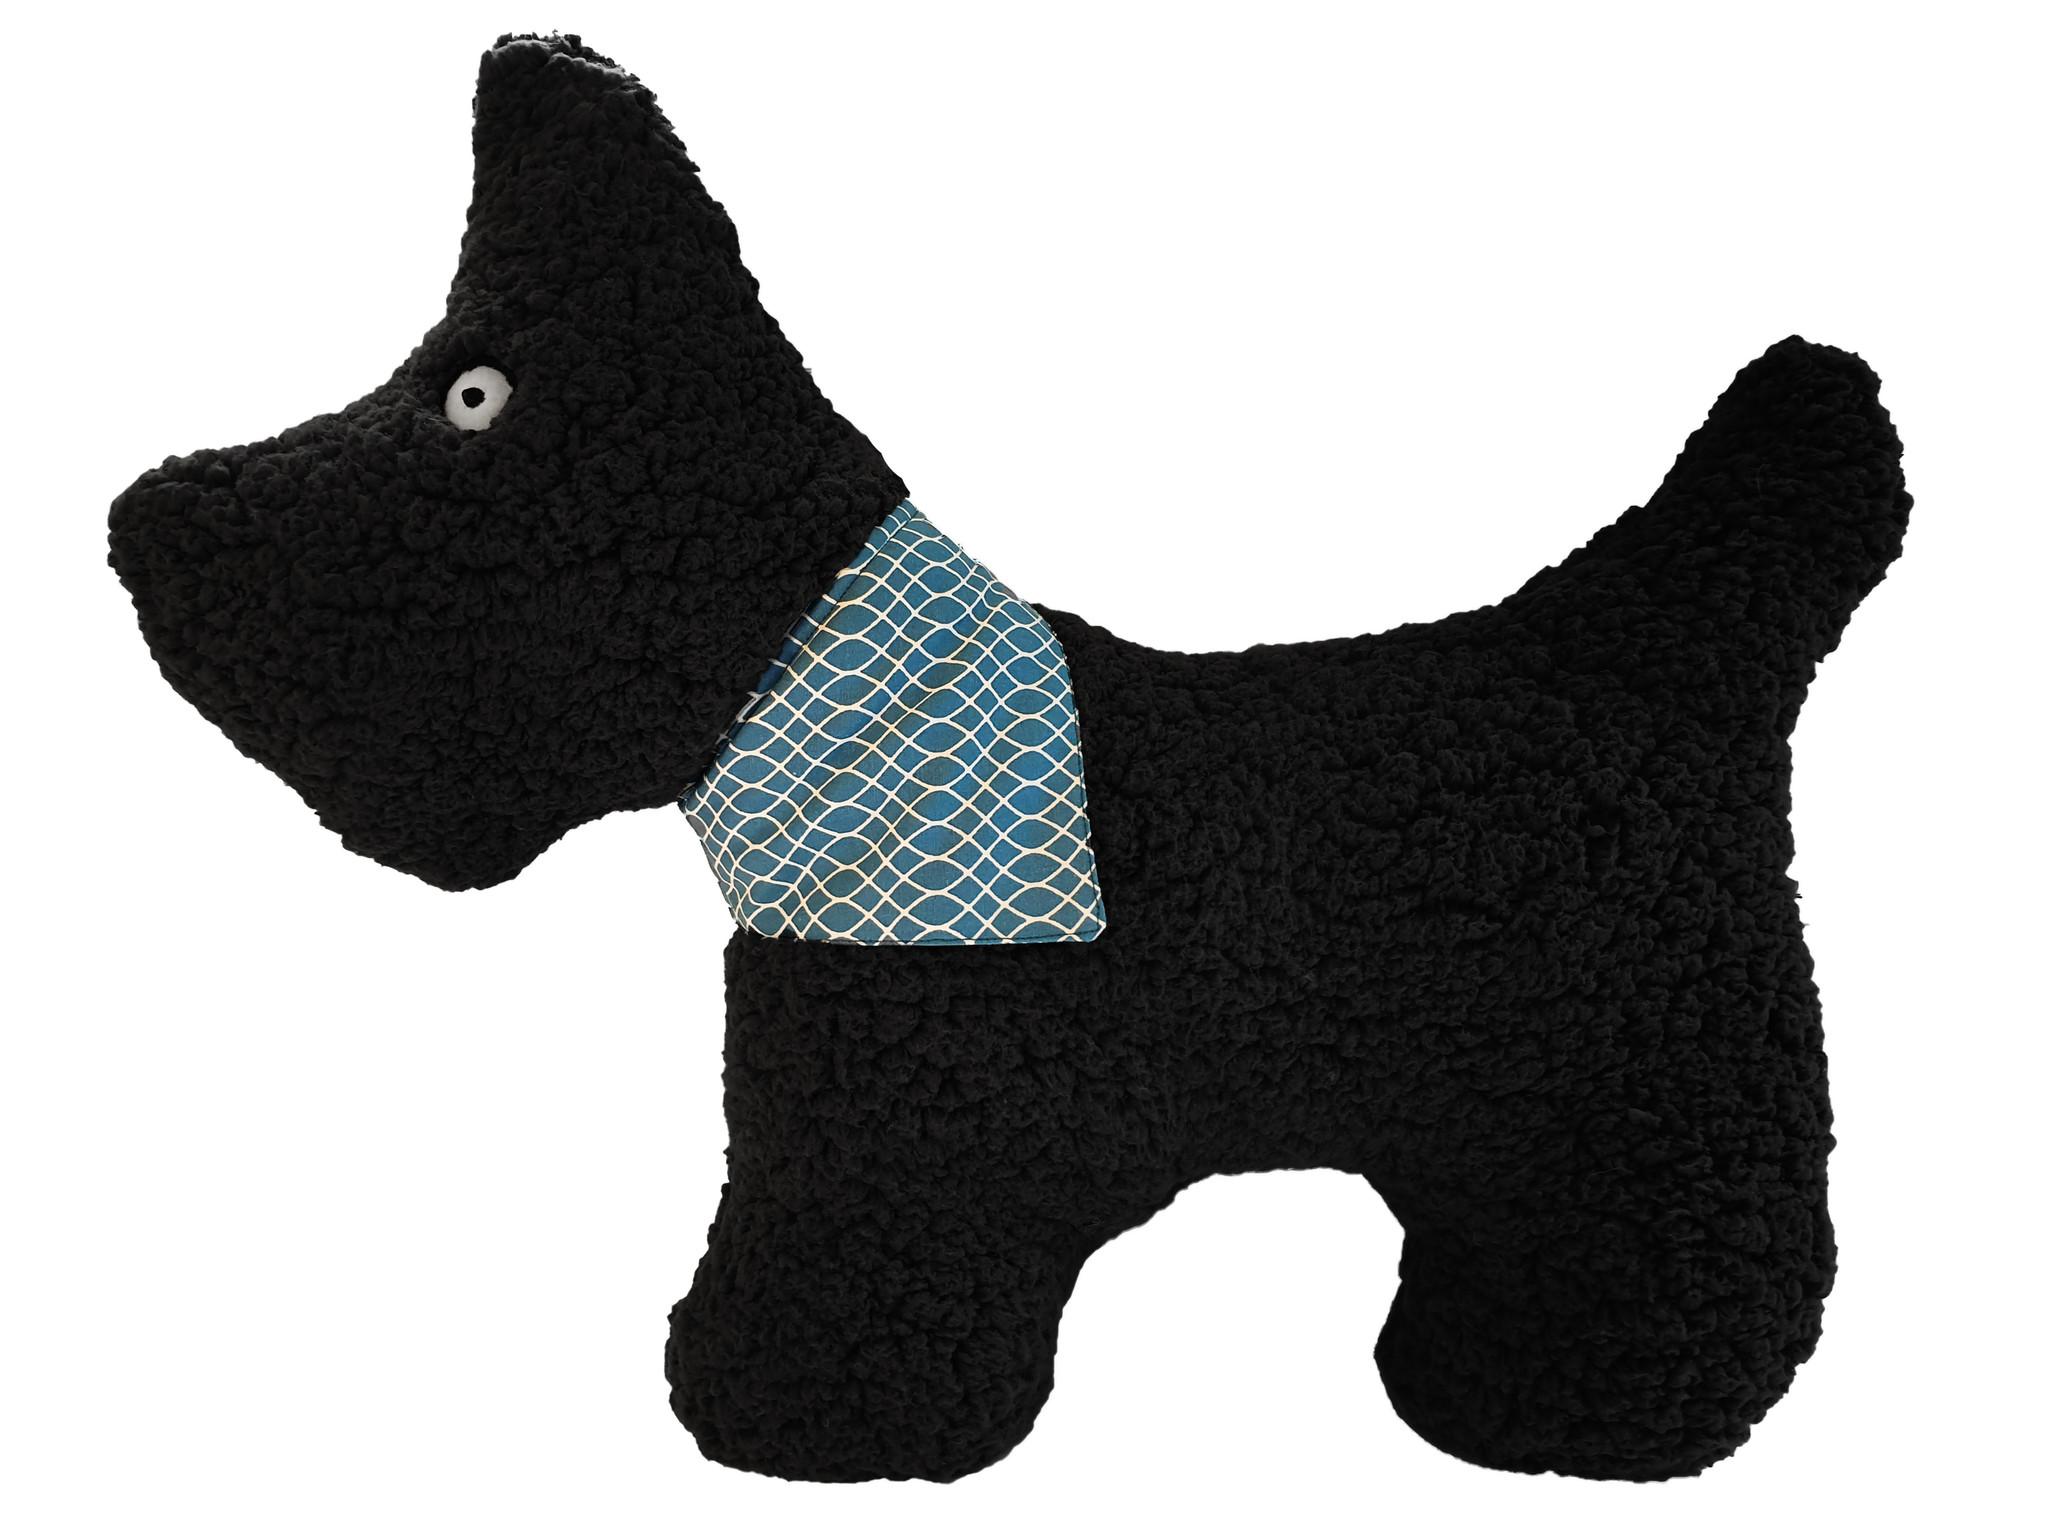 Kopfkissen-Plüschhund Karlchen